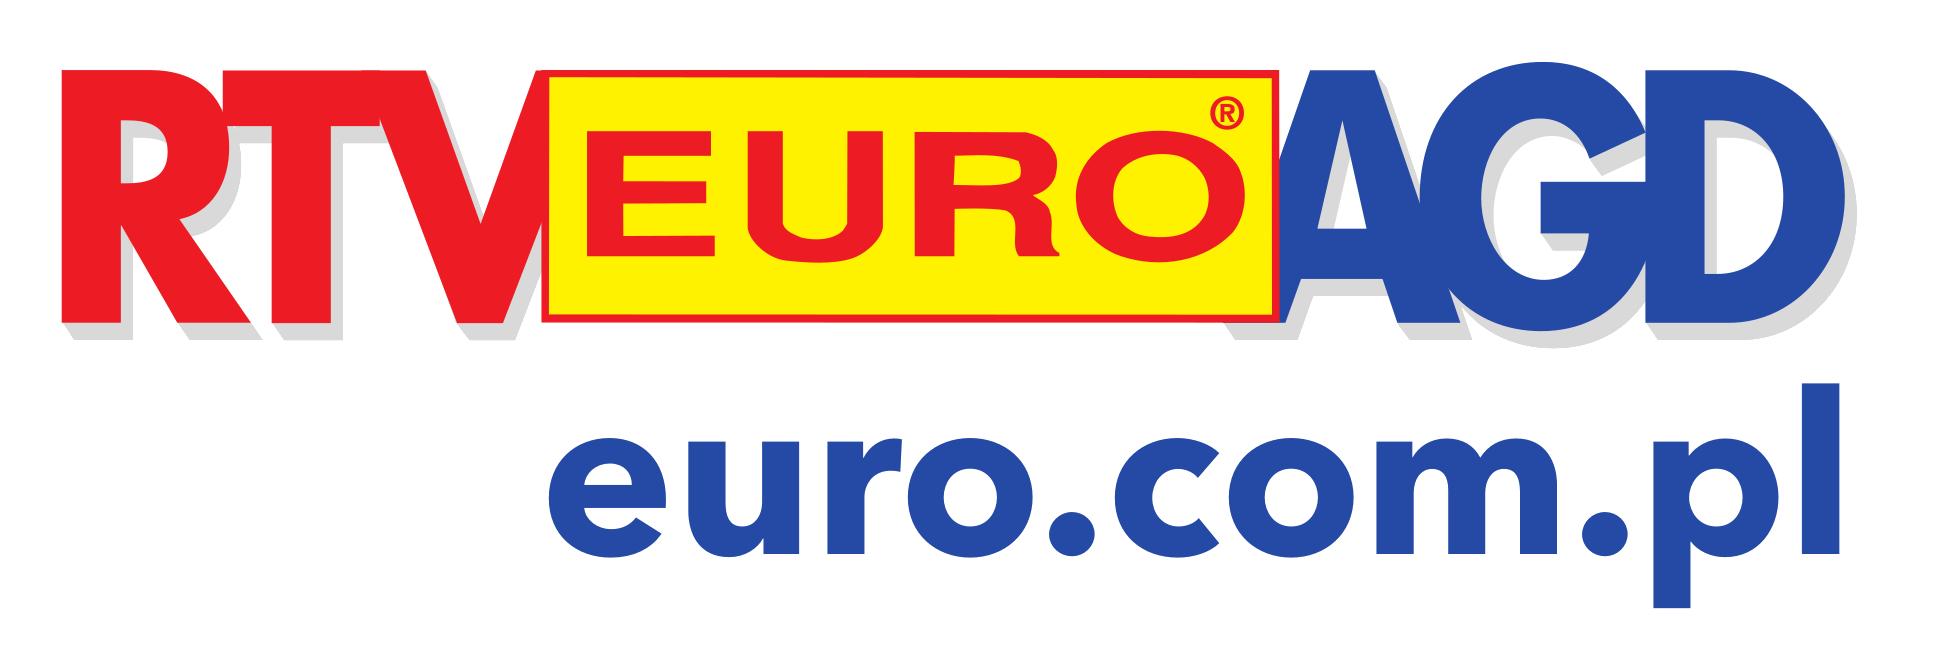 RTV EURO AGD - Karta Podarunkowa o wartości 100zł